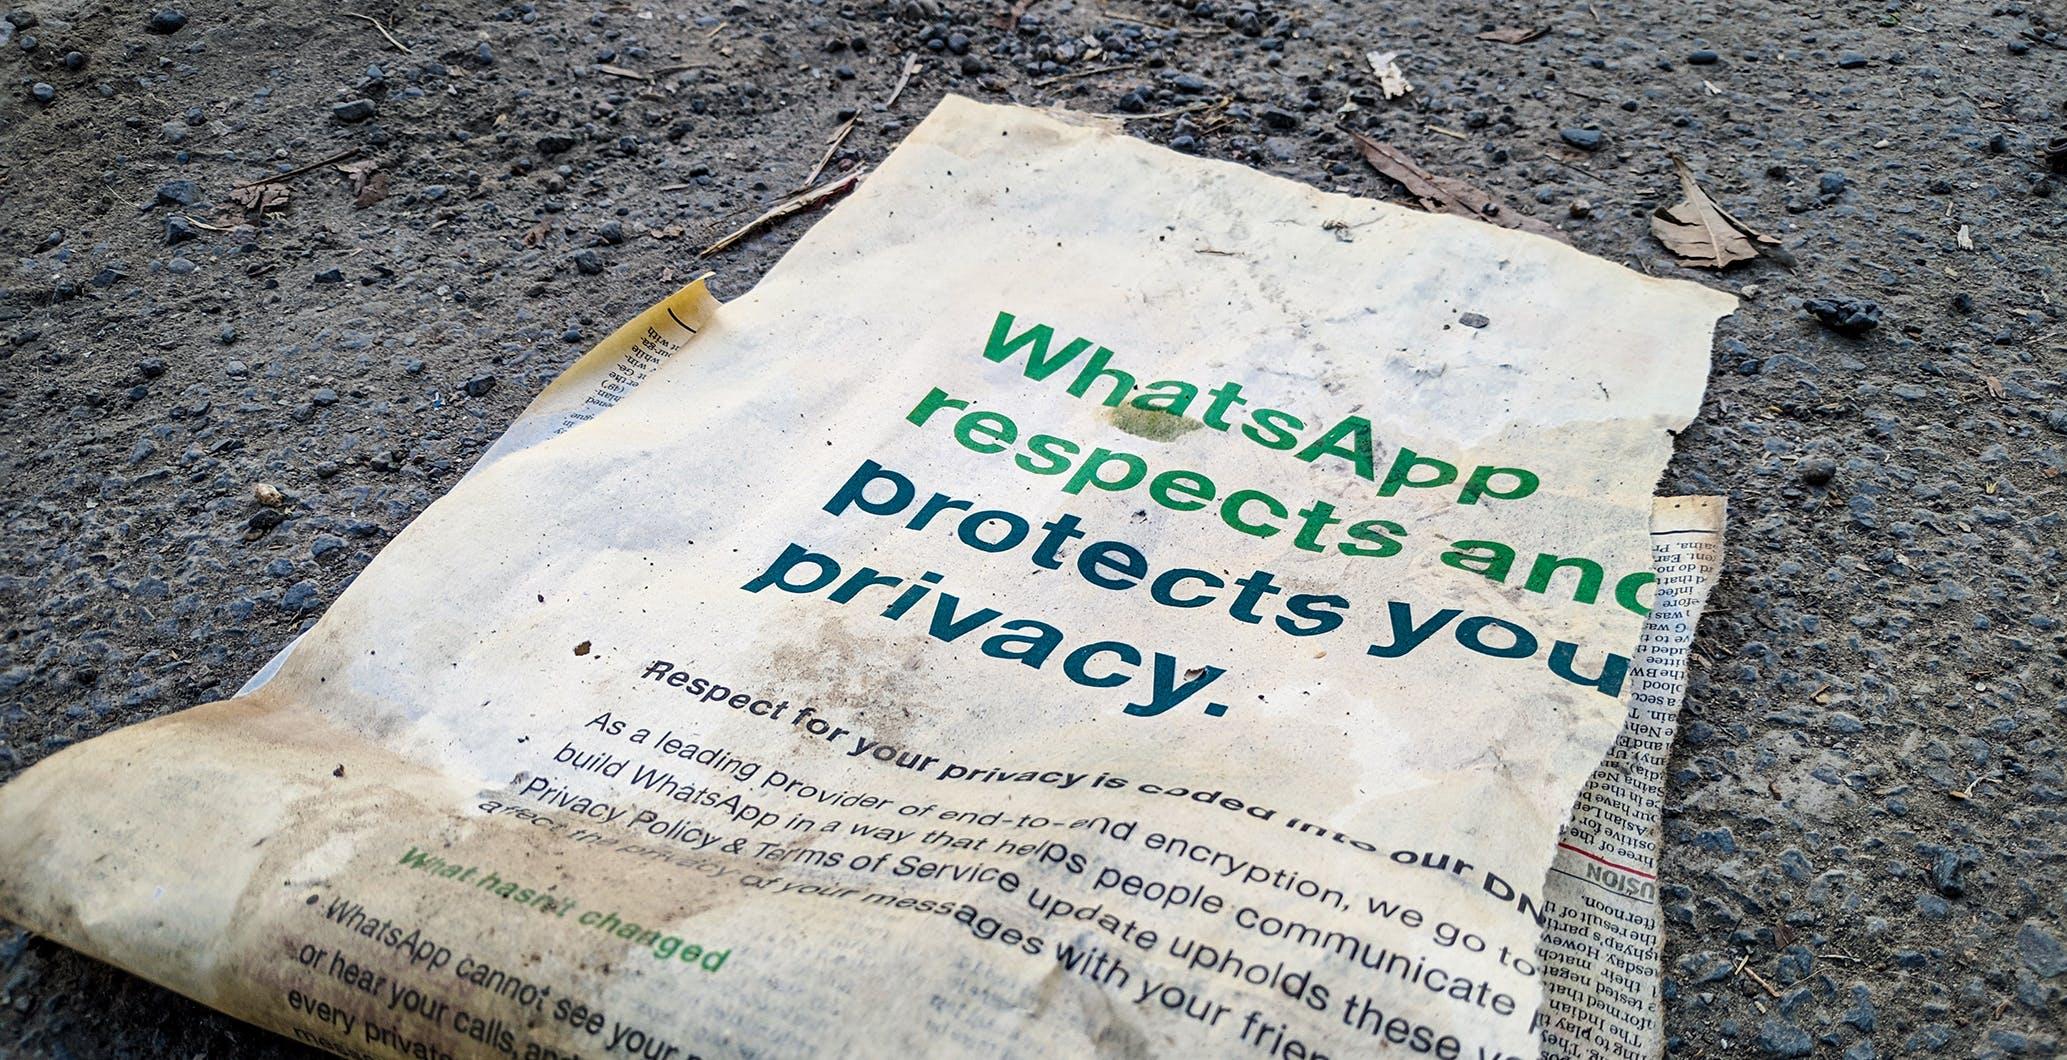 """WhatsApp contraria al controllo automatico delle foto pedopornografiche sugli iPhone decisa da Apple: """"È l'approccio sbagliato"""""""